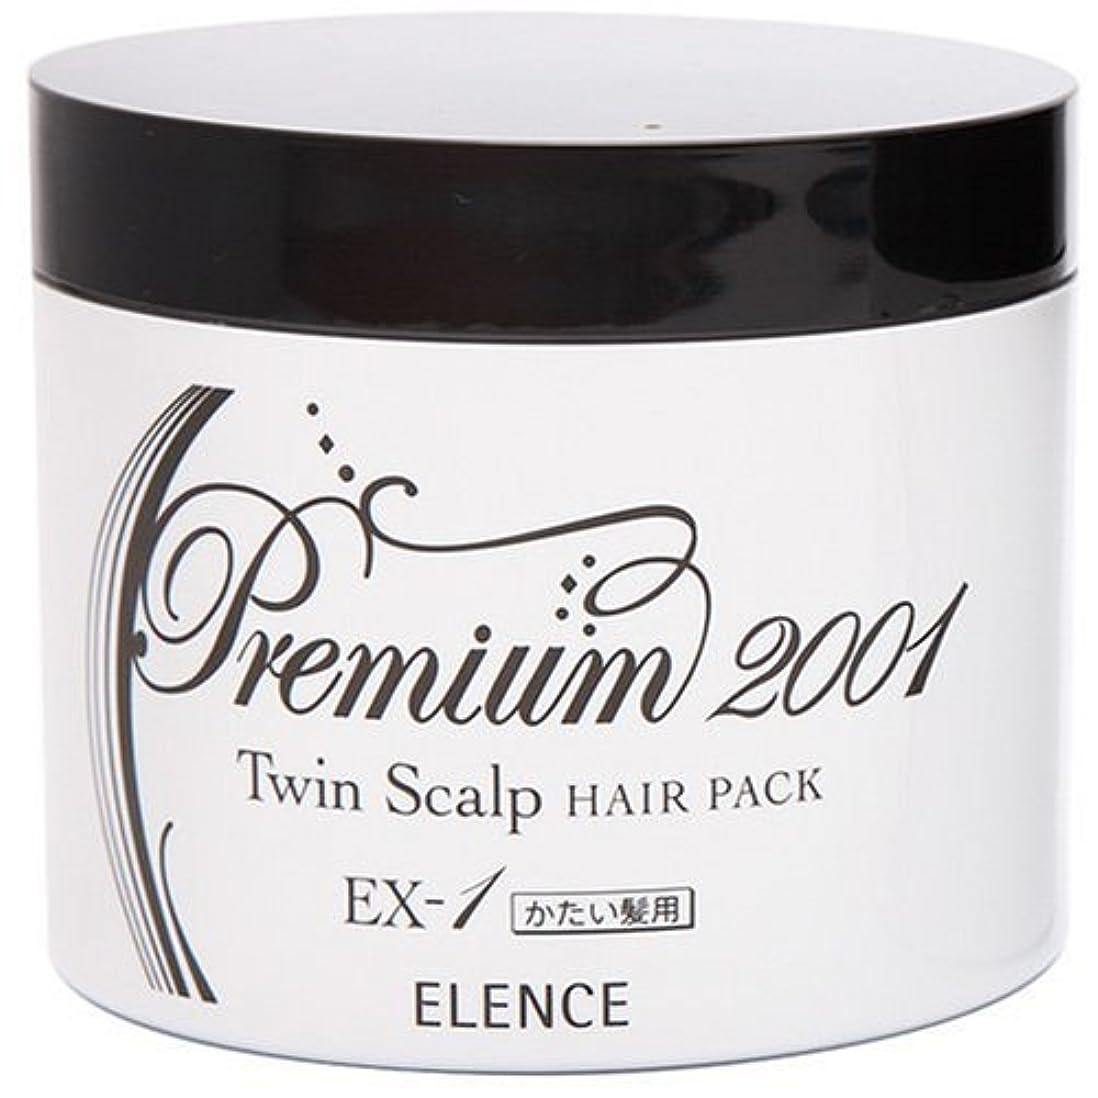 自分のために十分生まれエレンス2001 ツインスキャルプヘアパックEX-1(かたい髪用)